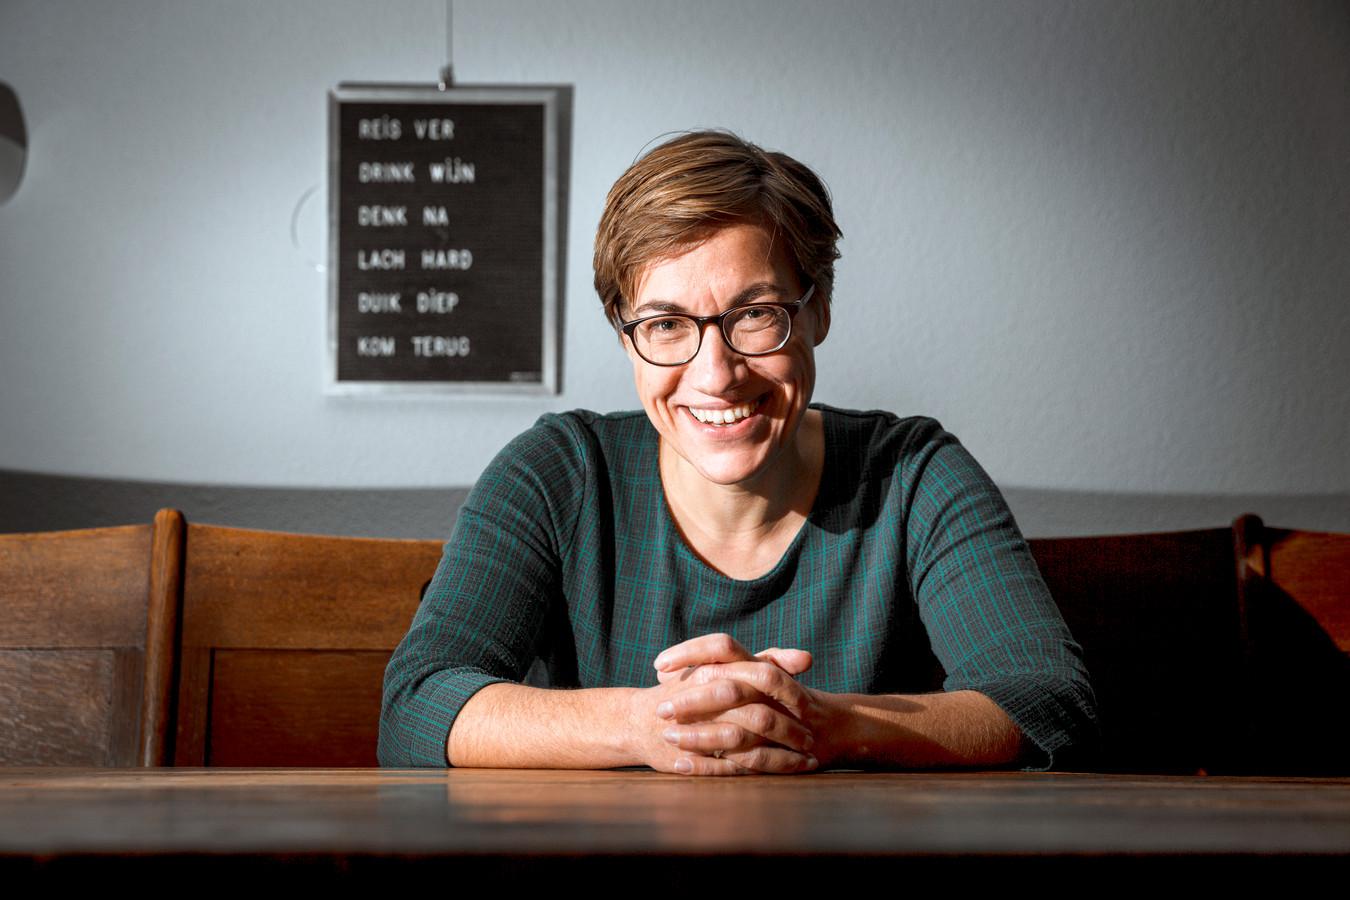 Anne-Marie van Briemen, predikante en homoseksueel spreekt over haar gevecht met haar seksualiteit en de bijbel.